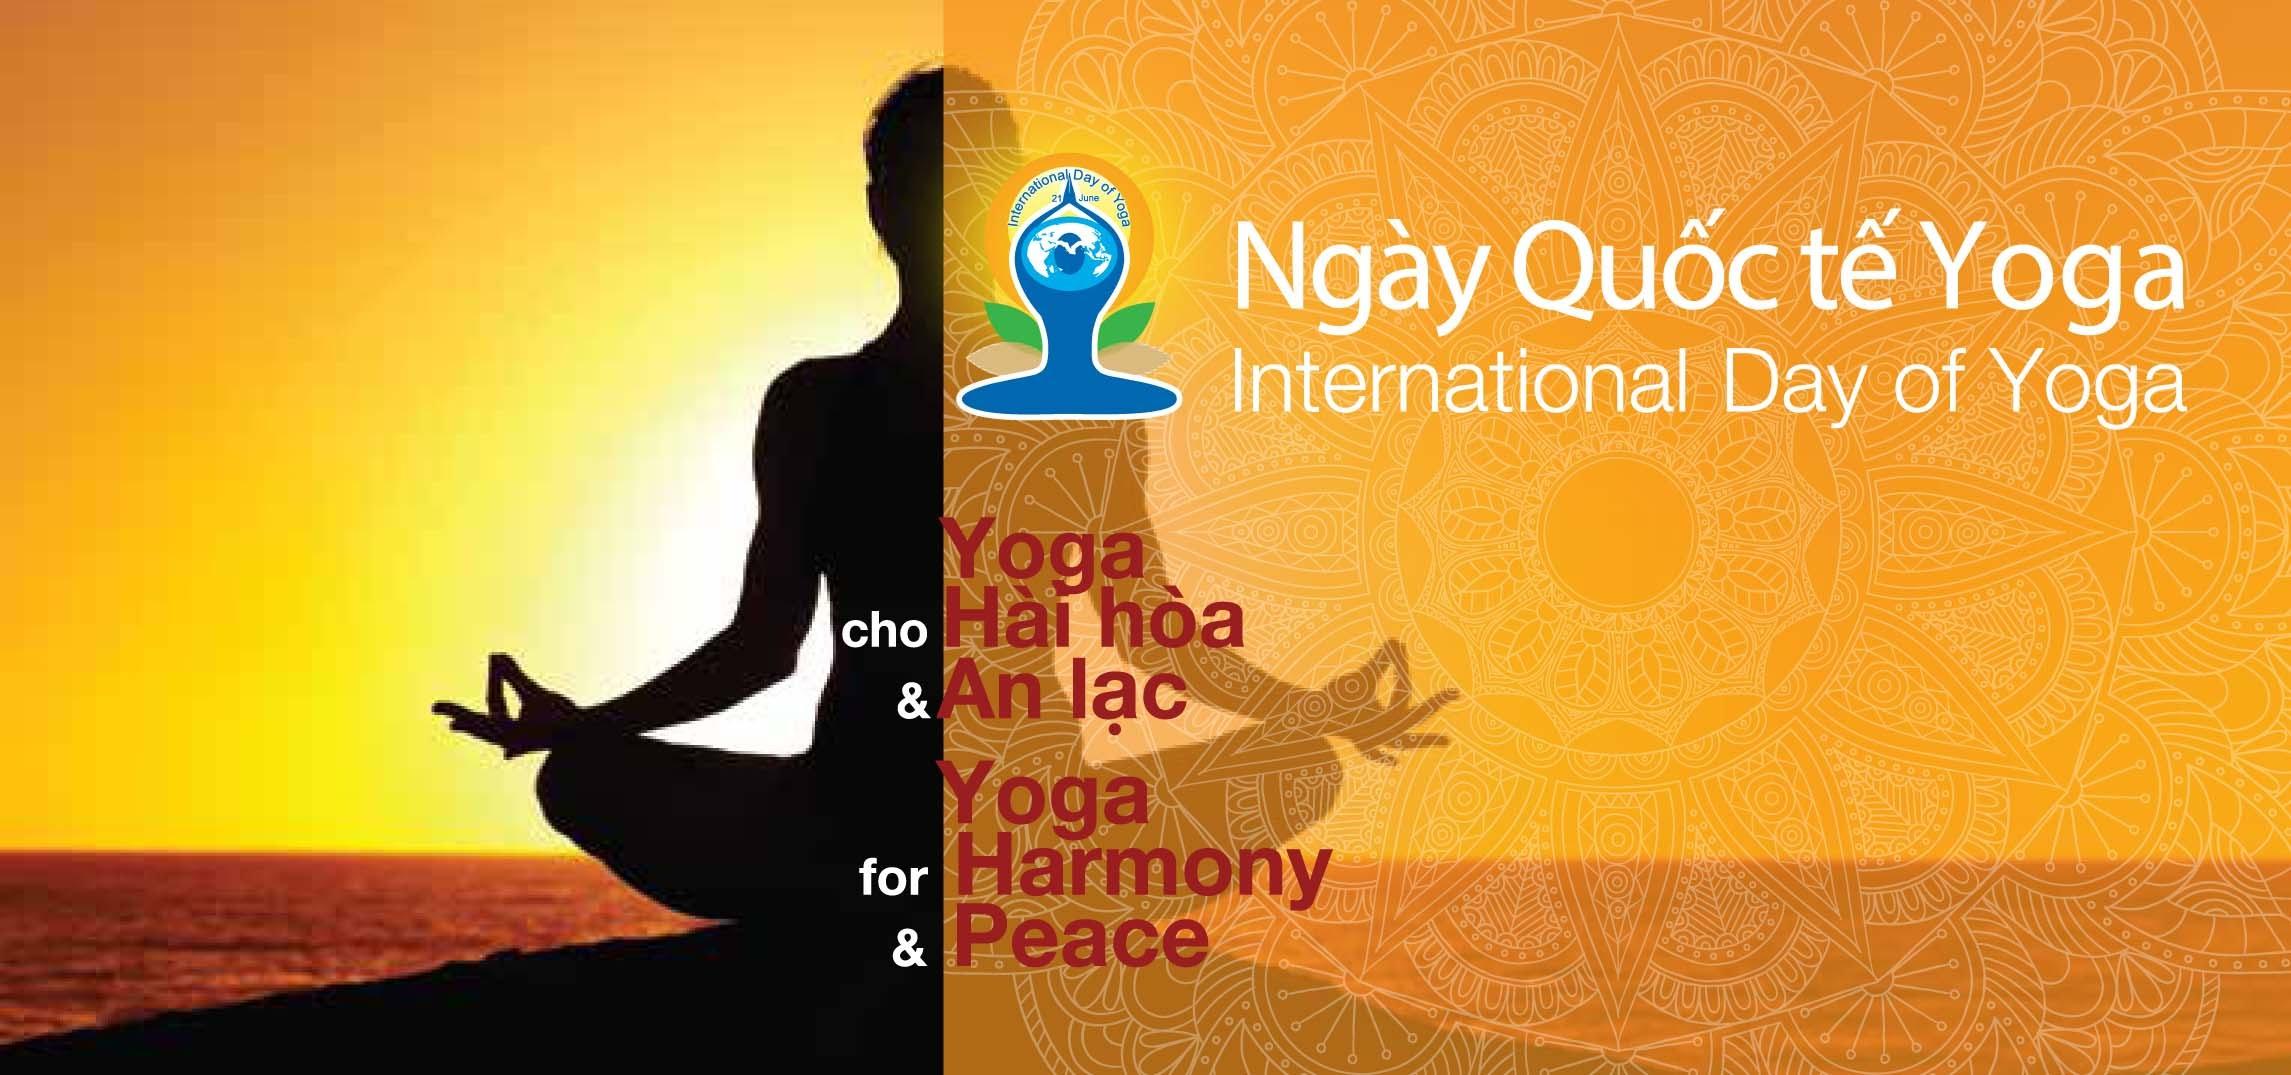 Ngày Quốc tế Yoga lan tỏa văn hóa - triết lý Ấn Độ  đến với Việt Nam (Bạn bè với Việt Nam ngày 15/6/2015)